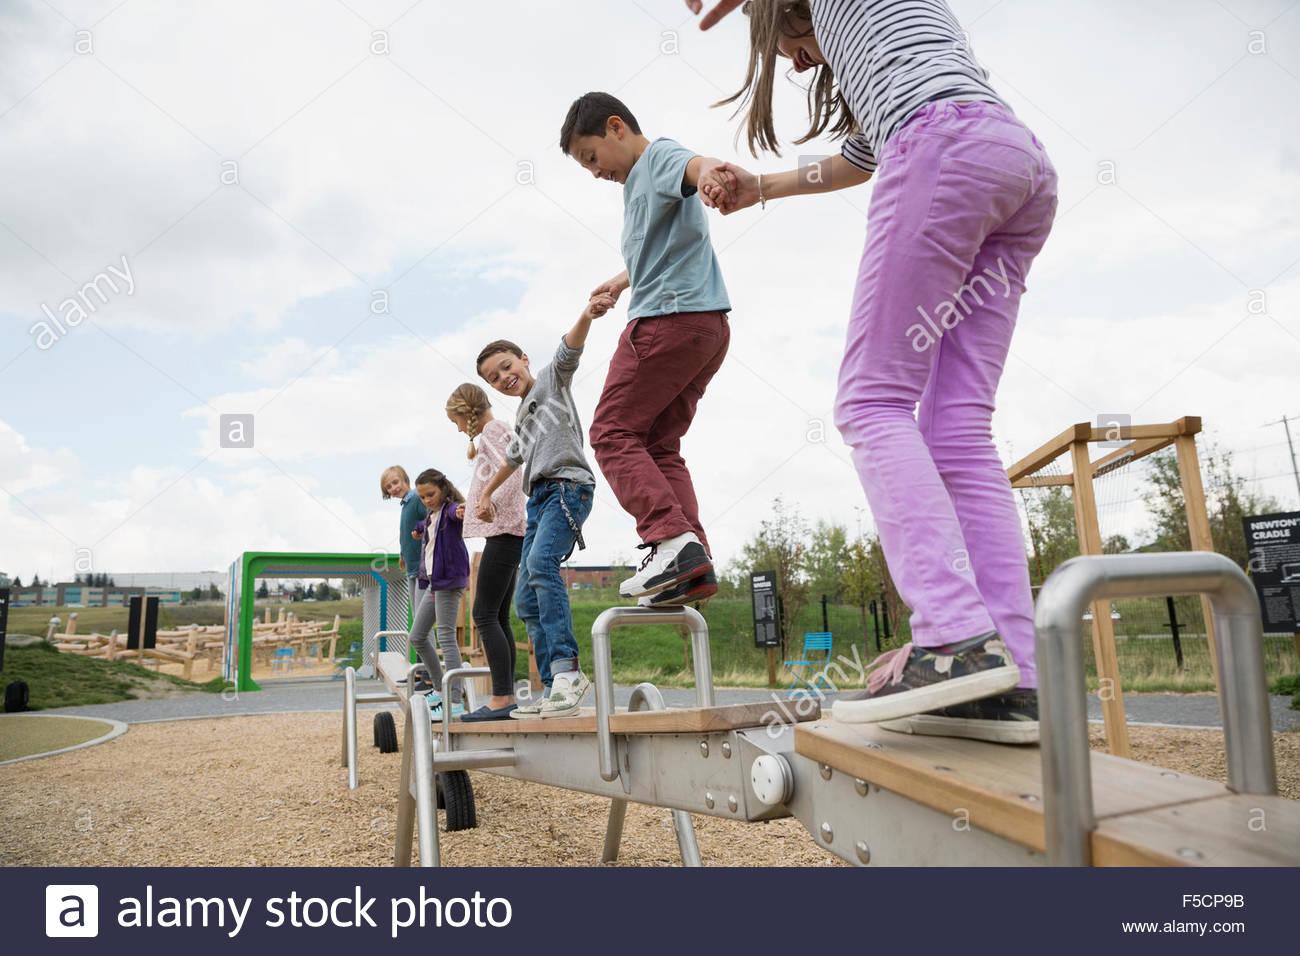 Kinder balancieren auf langen Wippe auf Spielplatz Stockbild